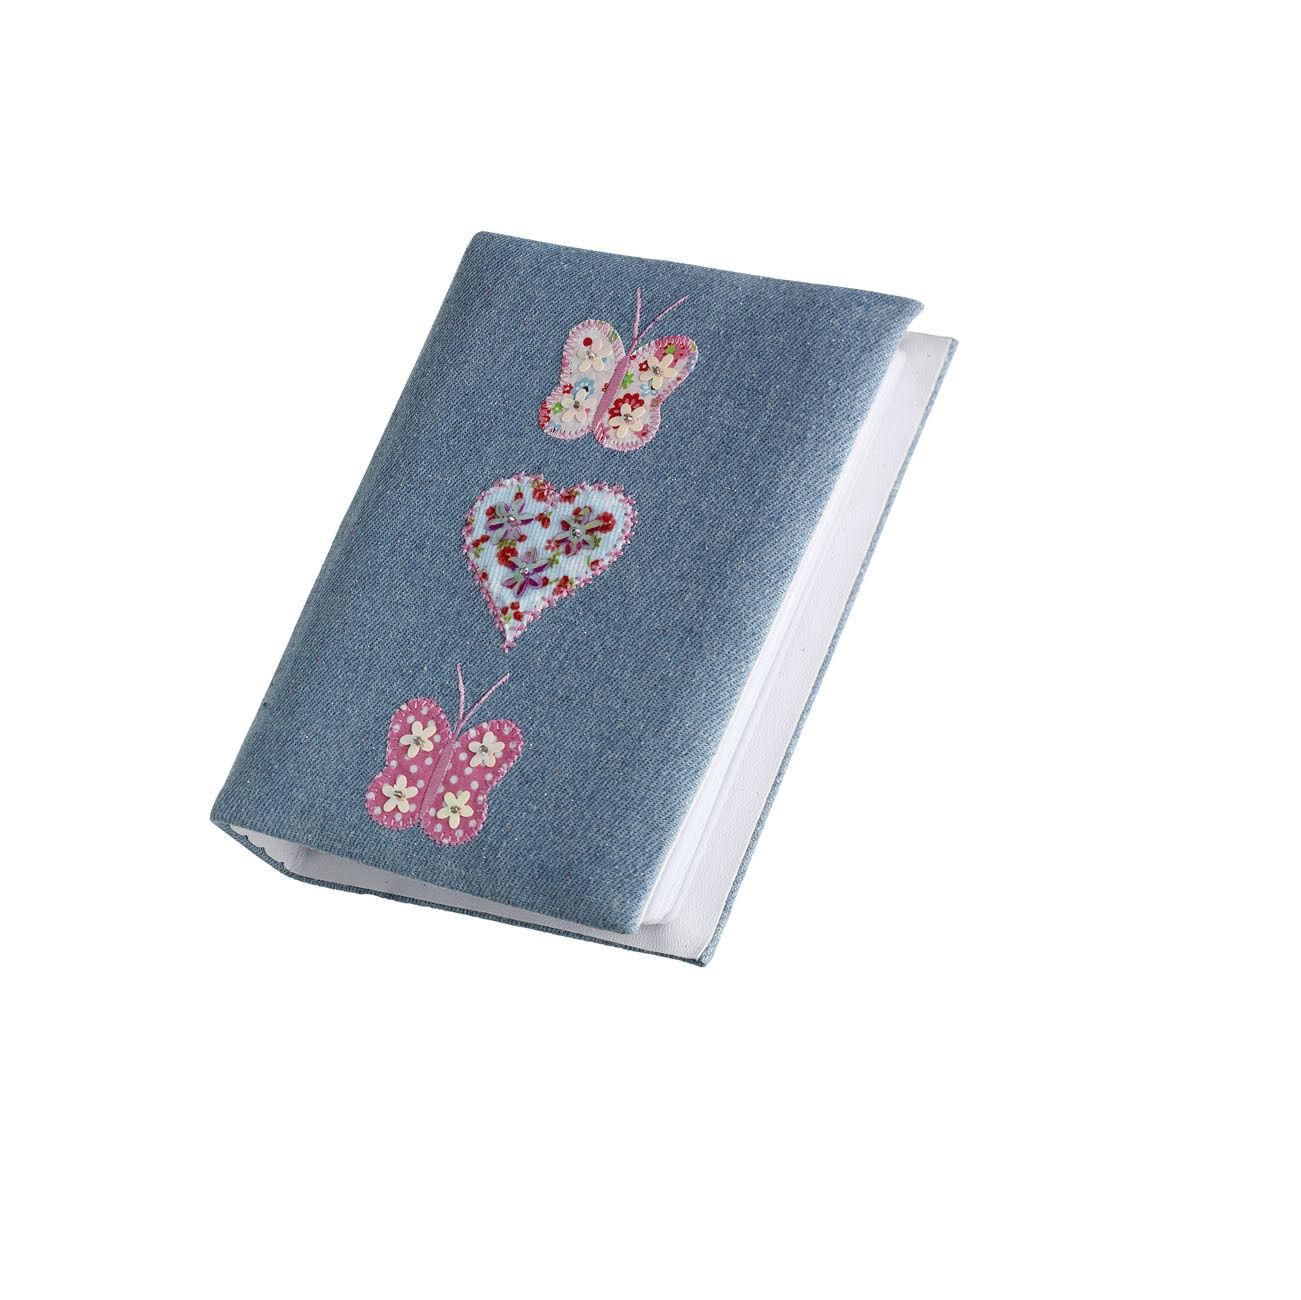 25 X Restposten Mädchen Denim Schmetterlings Foto Album Party-Tasche PA-7551 von